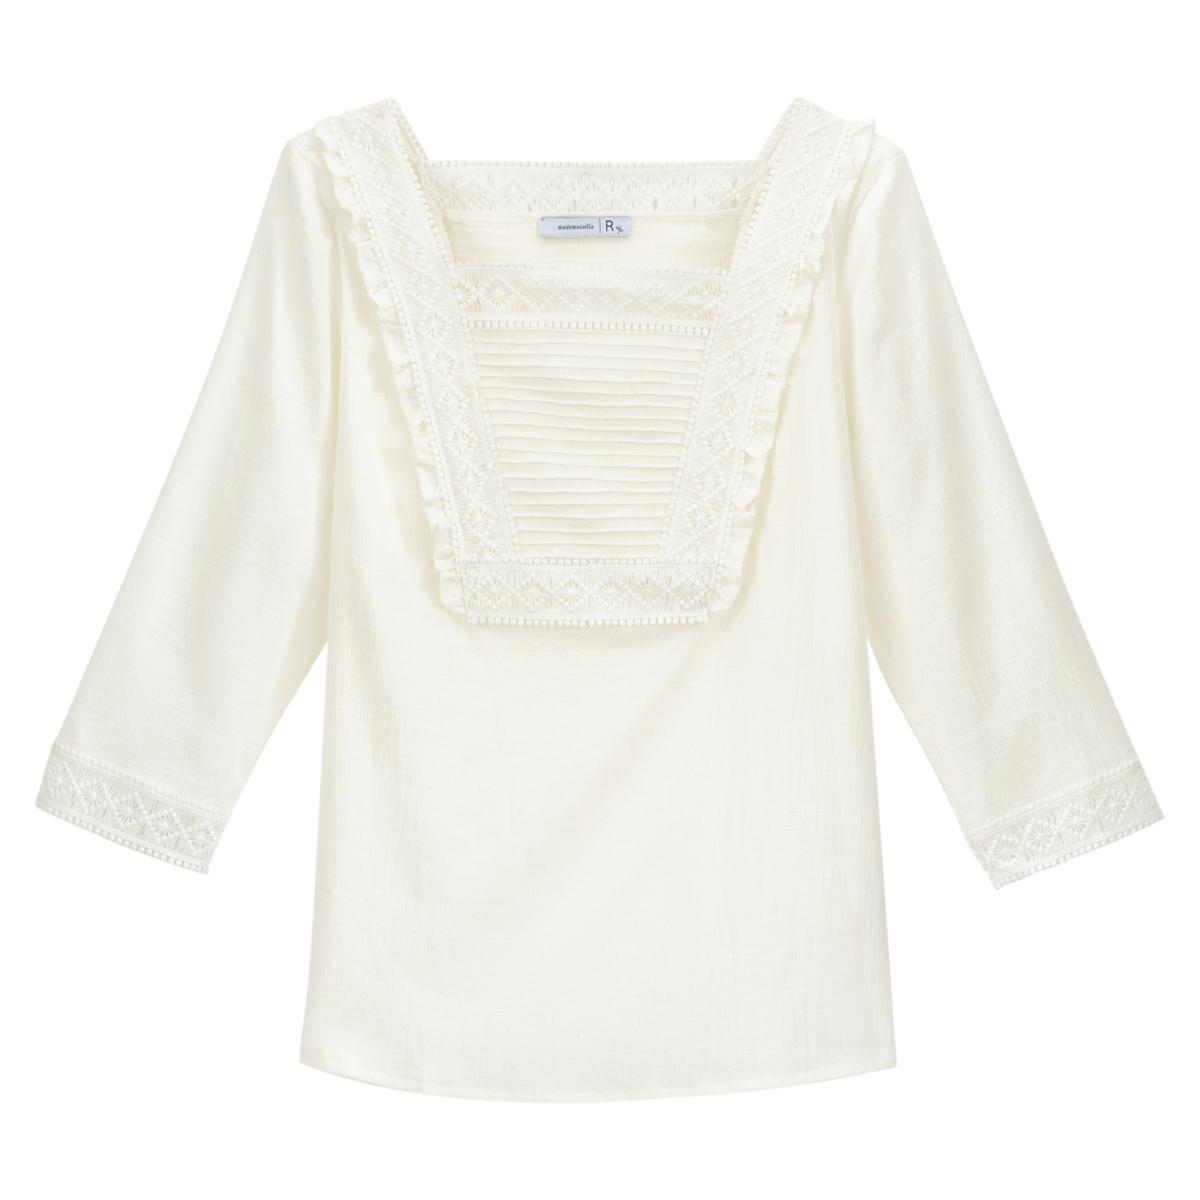 Blusa con cuello cuadrado y plastrón bordado